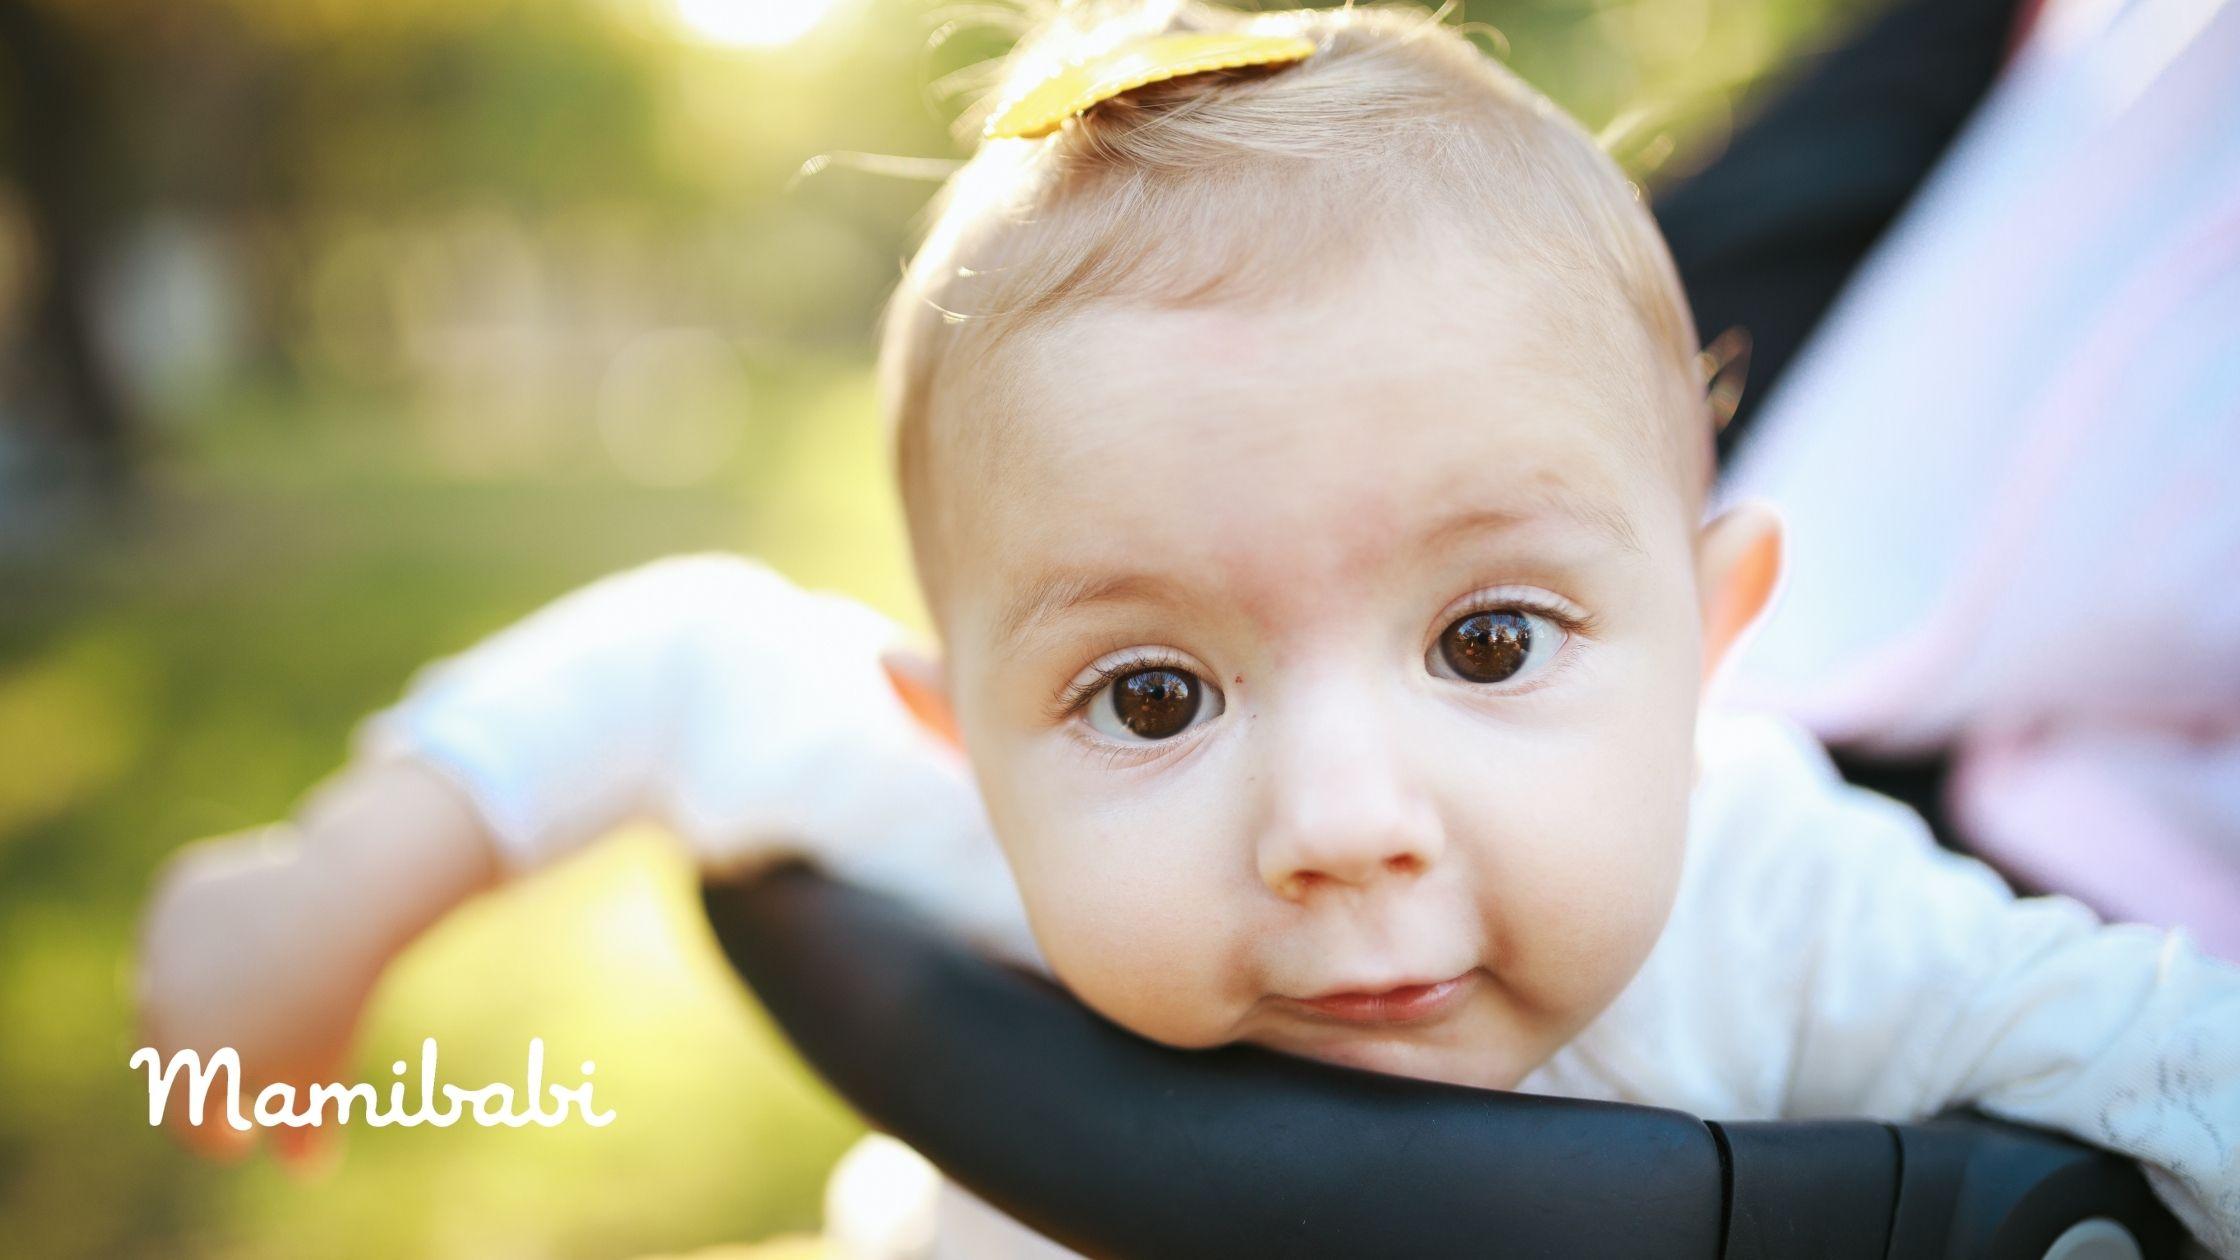 Lợi ích của thai giáo: Kết hợp những nét đẹp của bố và mẹ nên thường xinh trai, đẹp gái hơn bố mẹ